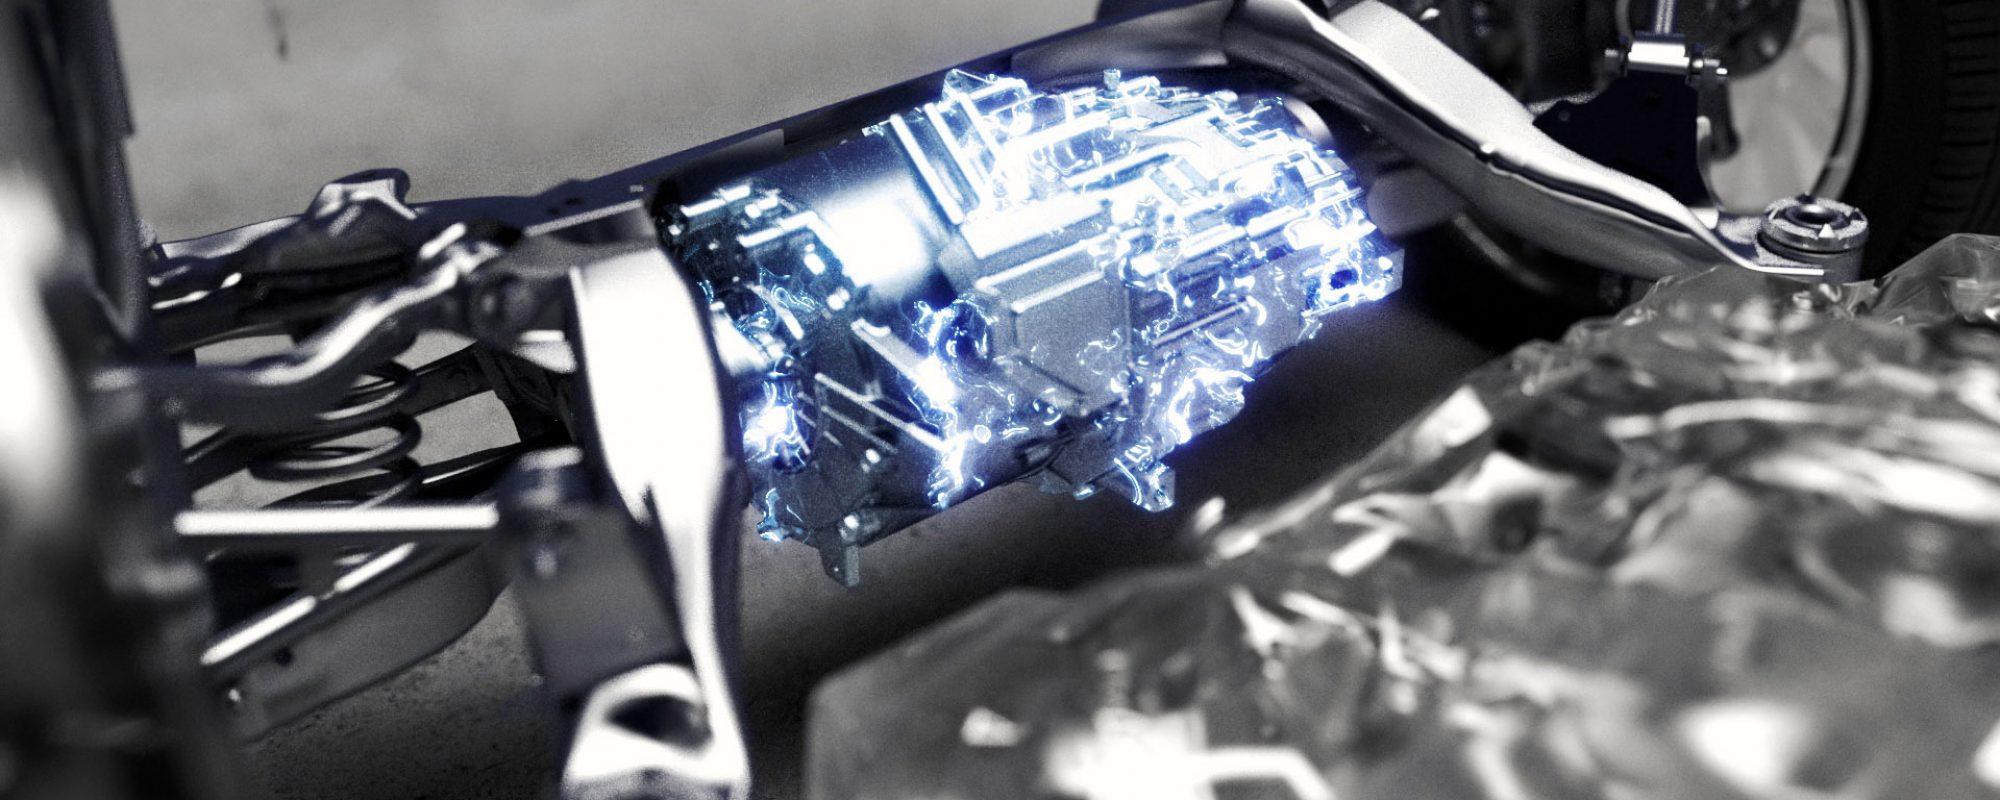 DIRECT4: innovatief aansturingssysteem voor elektrische aandrijving van Lexus